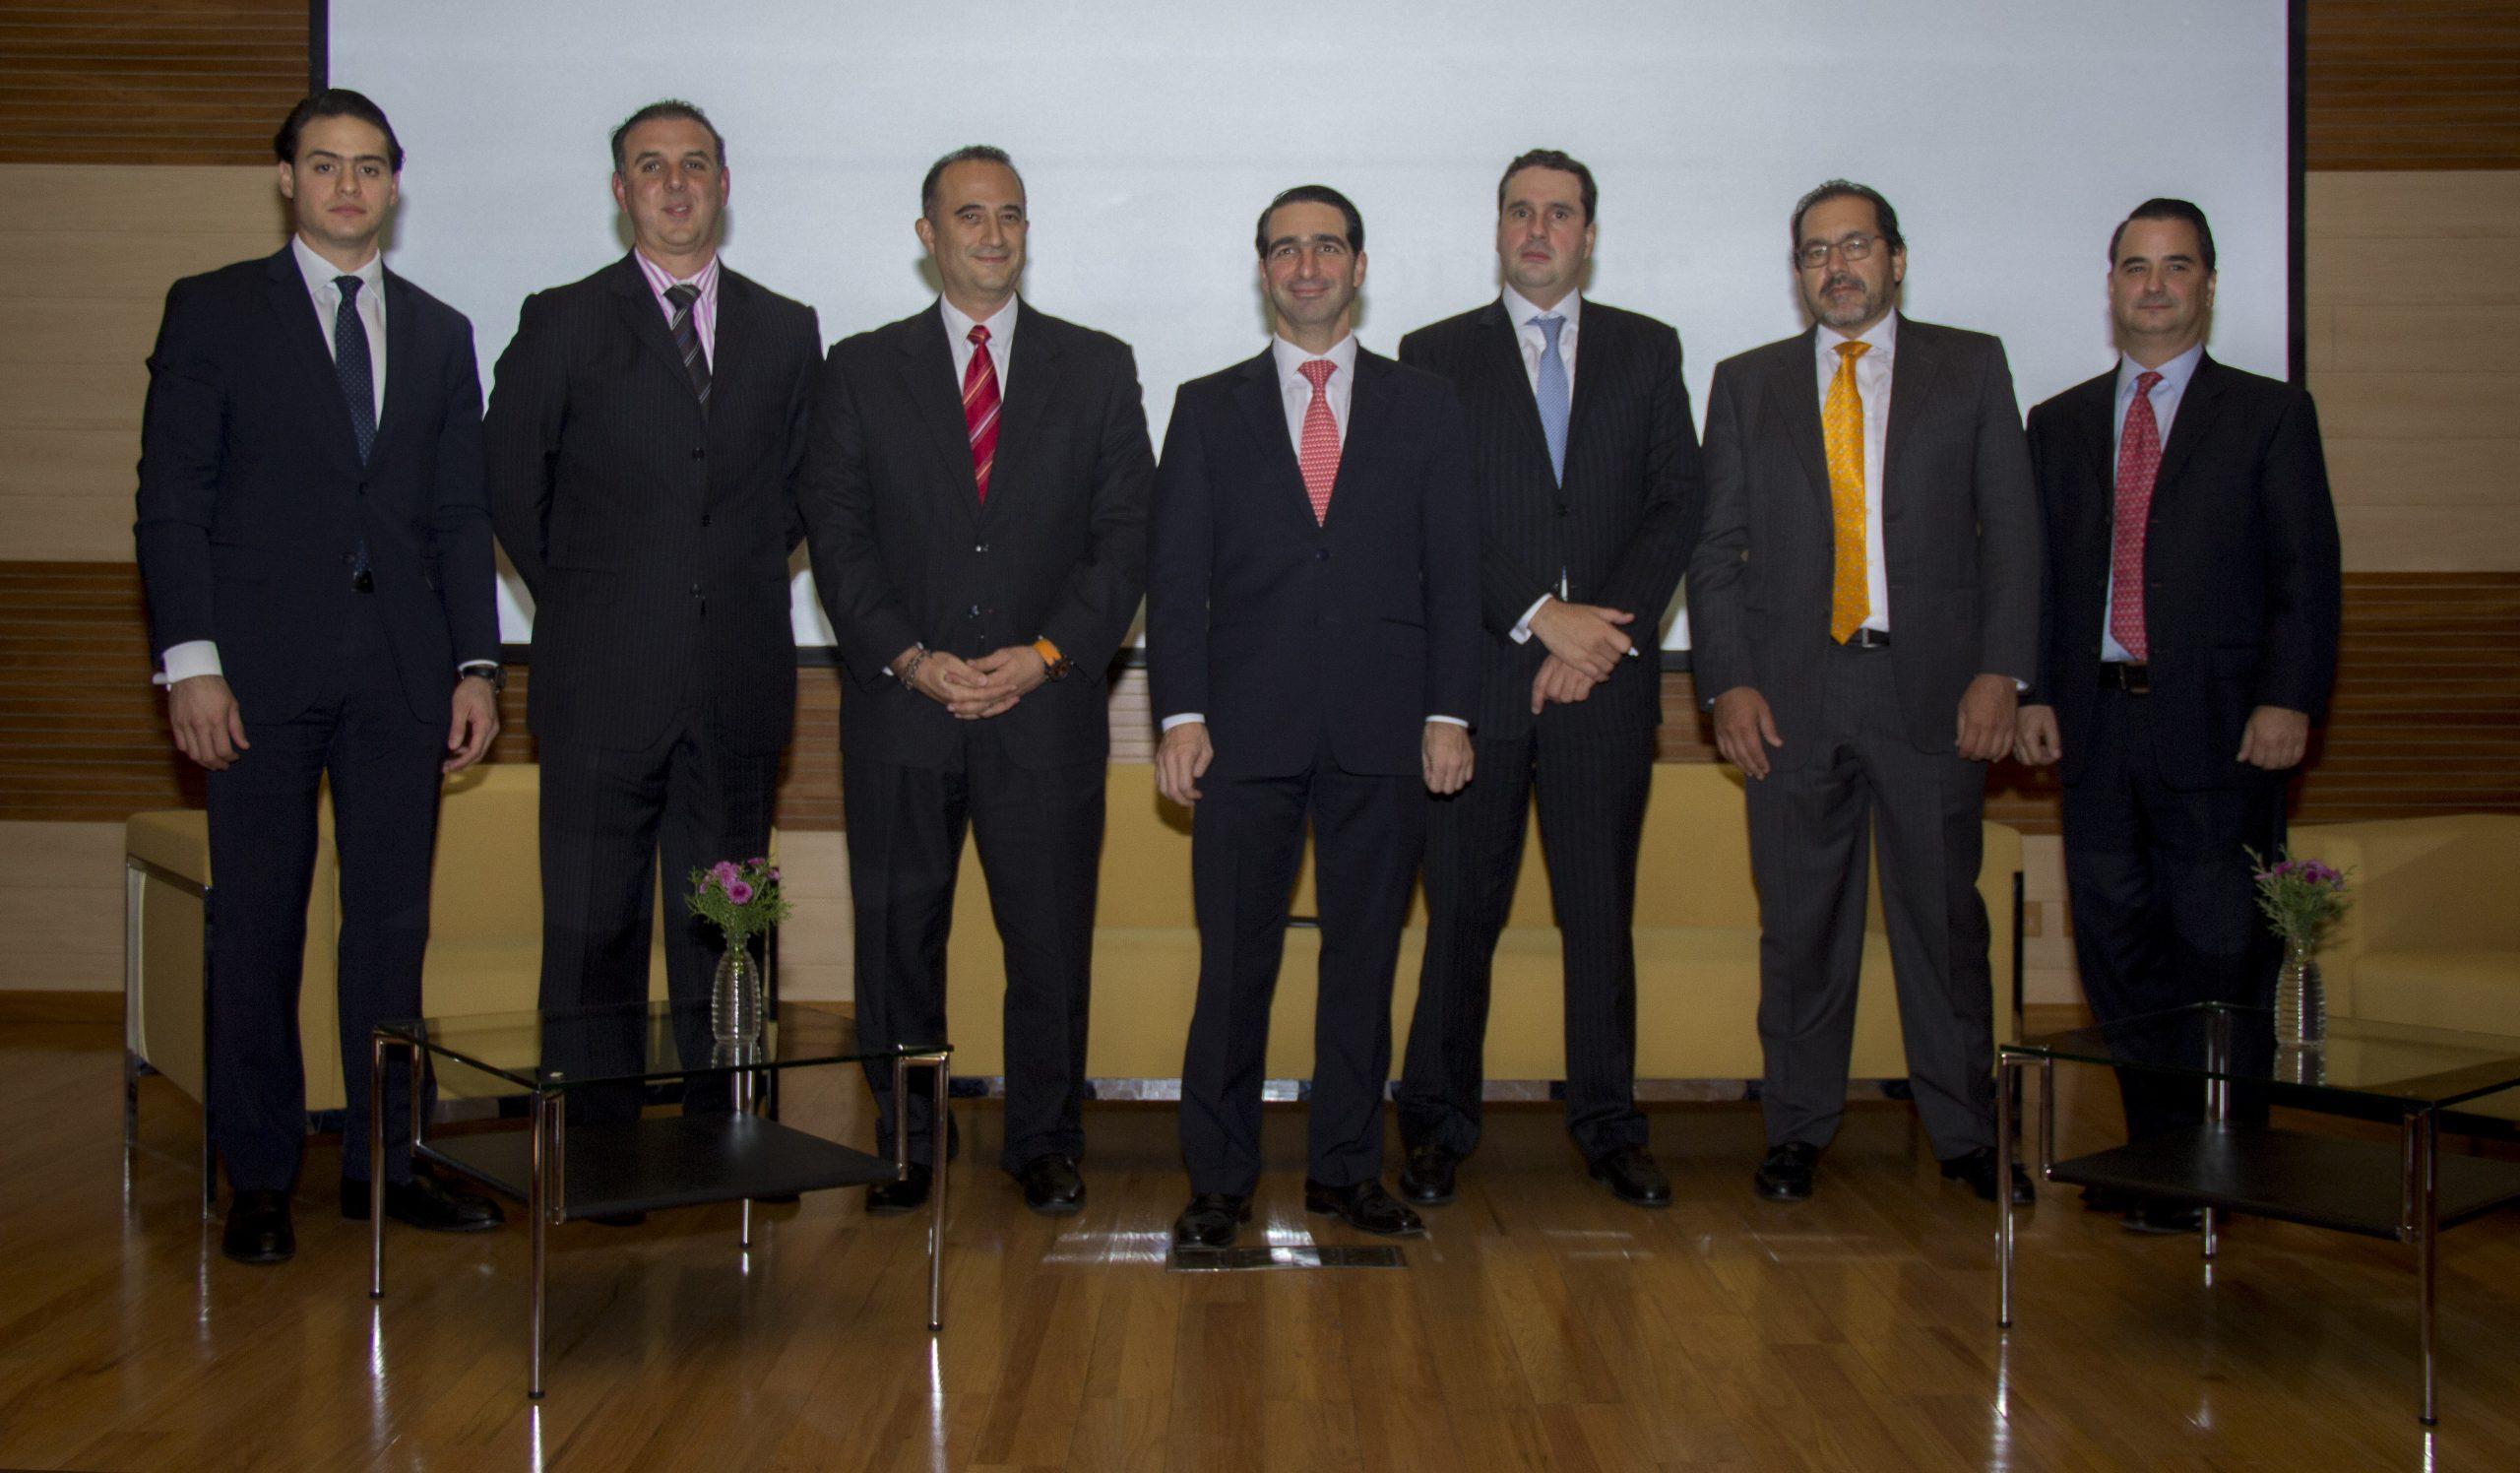 La actividad estuvo encabezada por Alberto Yunén y Yamil Isaías, representantes de las entidades involucradas.